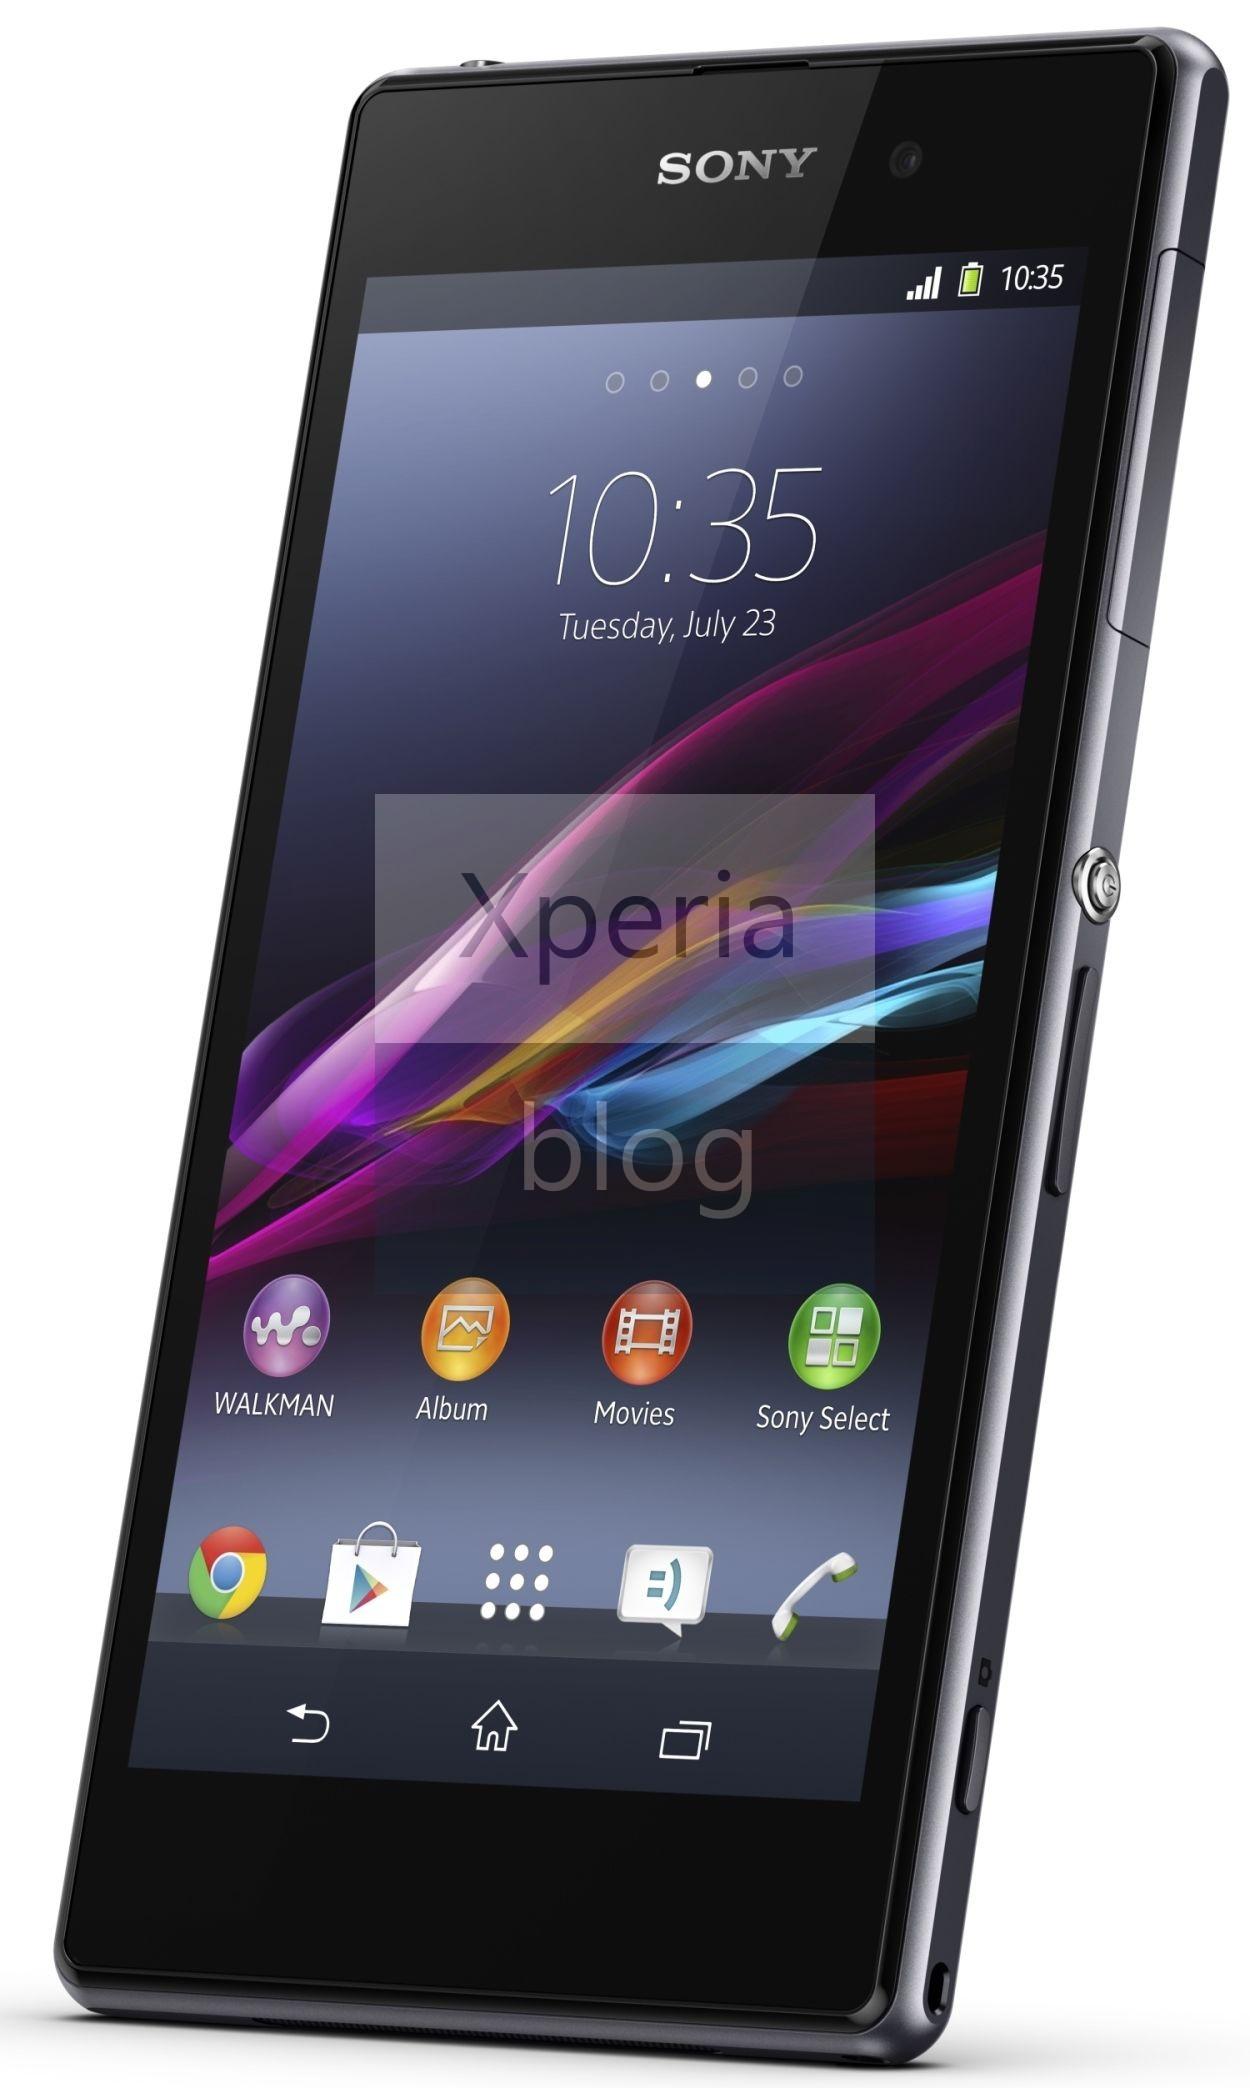 Offizielle Pressebilder des Sony Xperia Z1 veröffentlicht